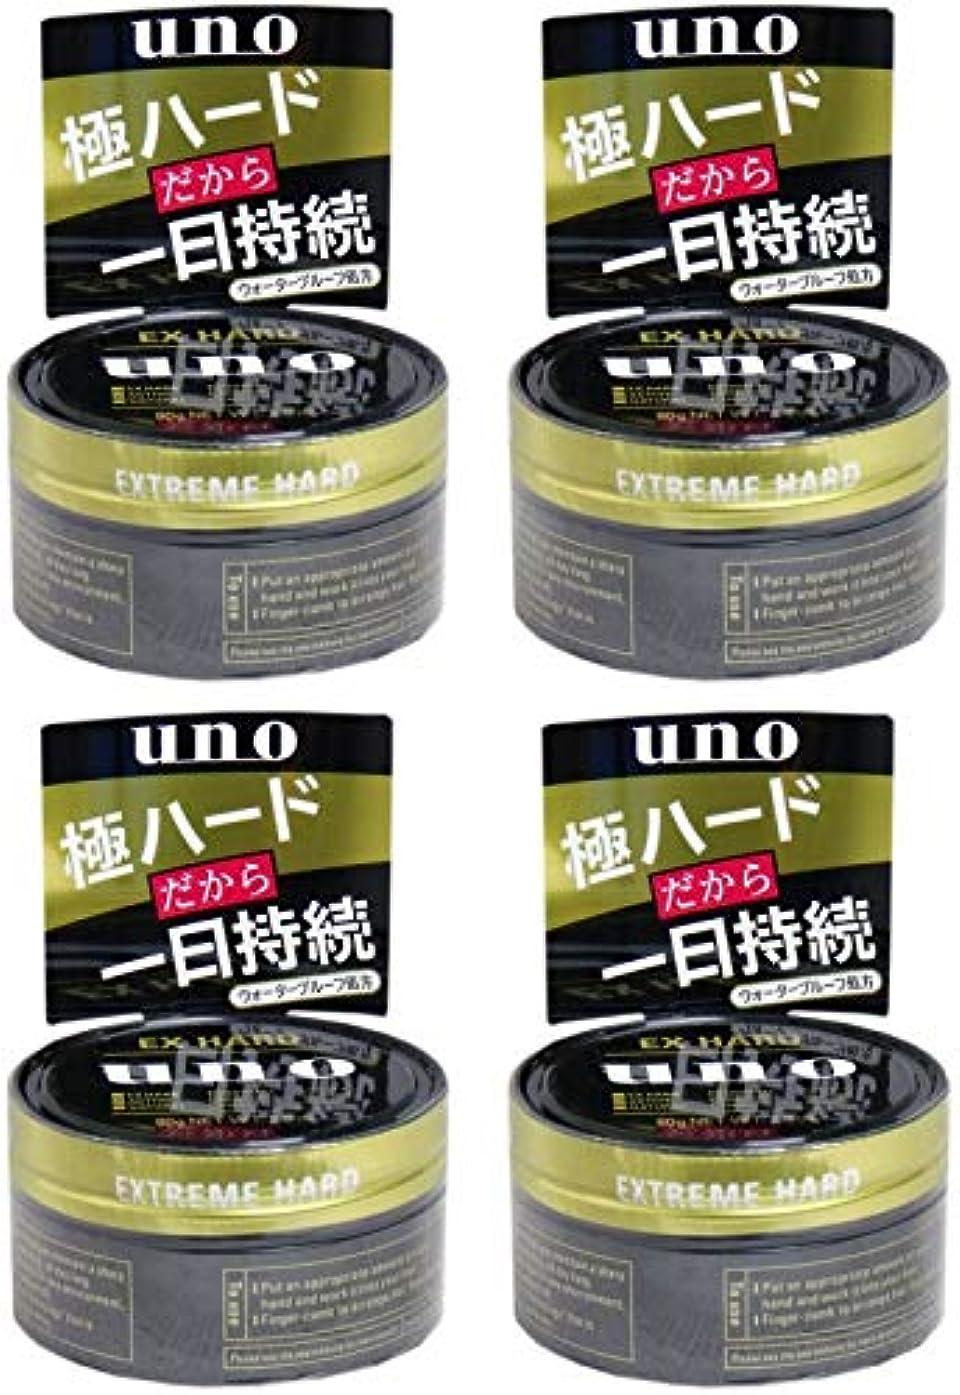 【まとめ買い】ウーノ (uno) ヘアワックス エクストリームハード 80g【×4個】